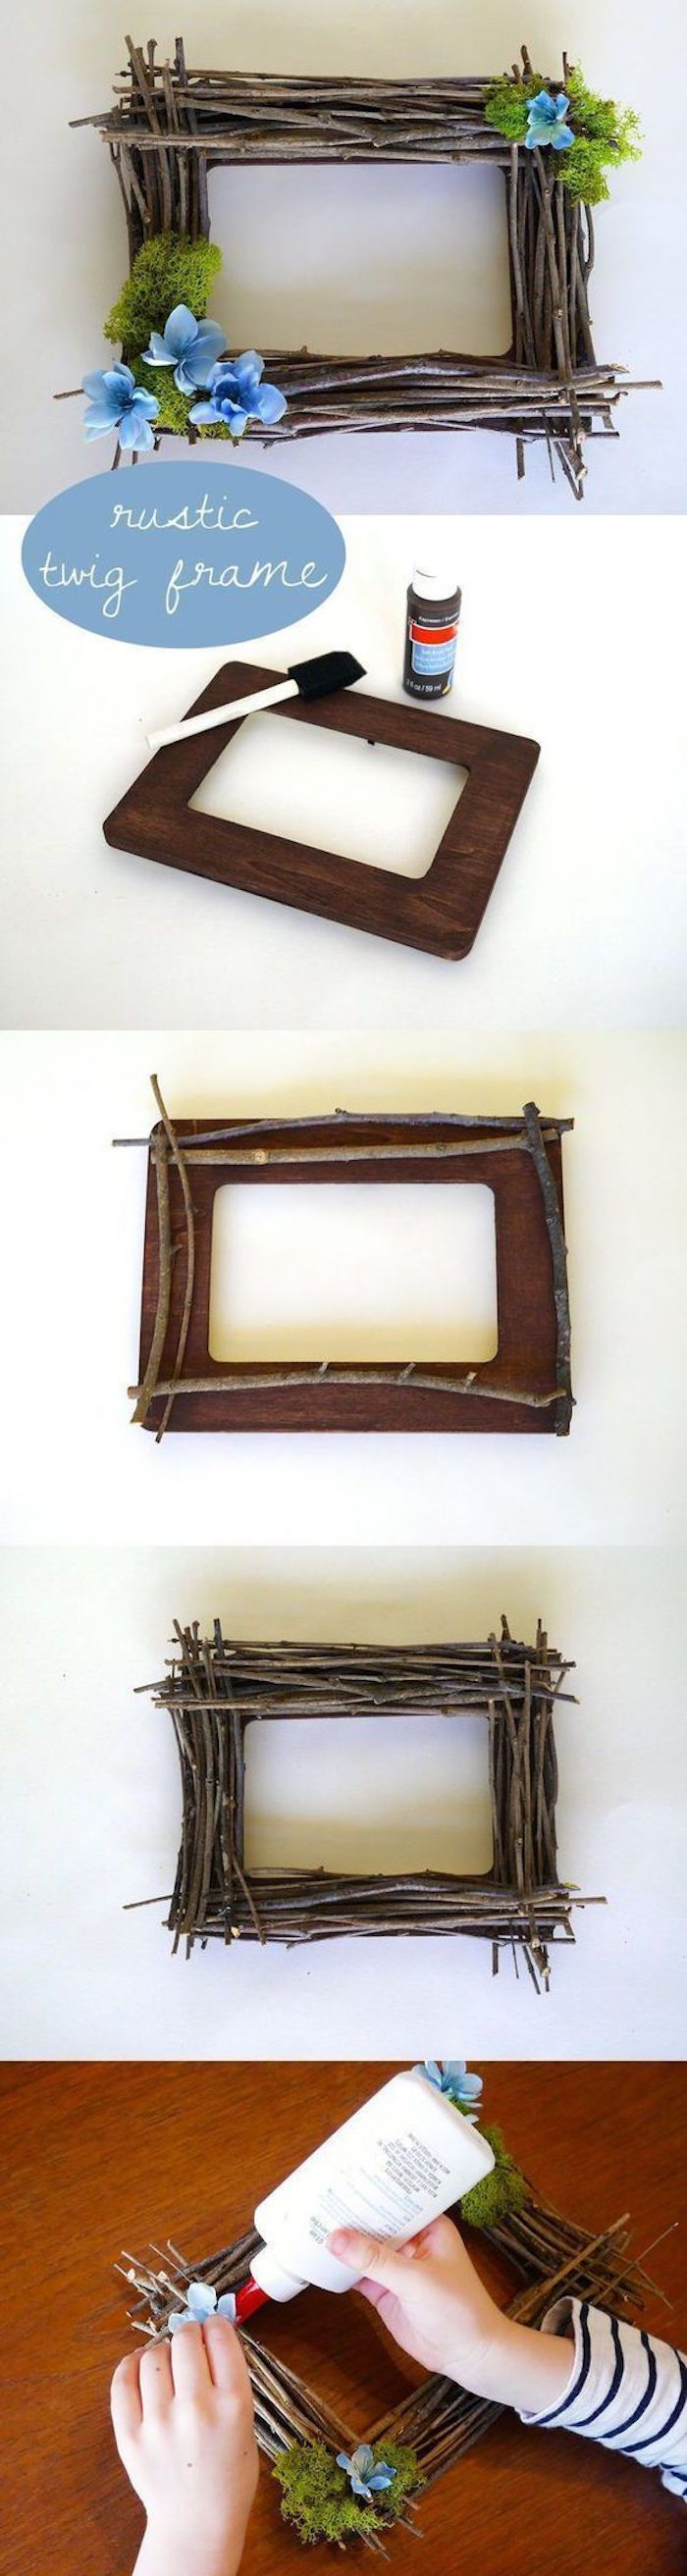 DIY Deko Idee, Rahmen aus Holz basteln | DIY Deko Ideen für Zuhause ...